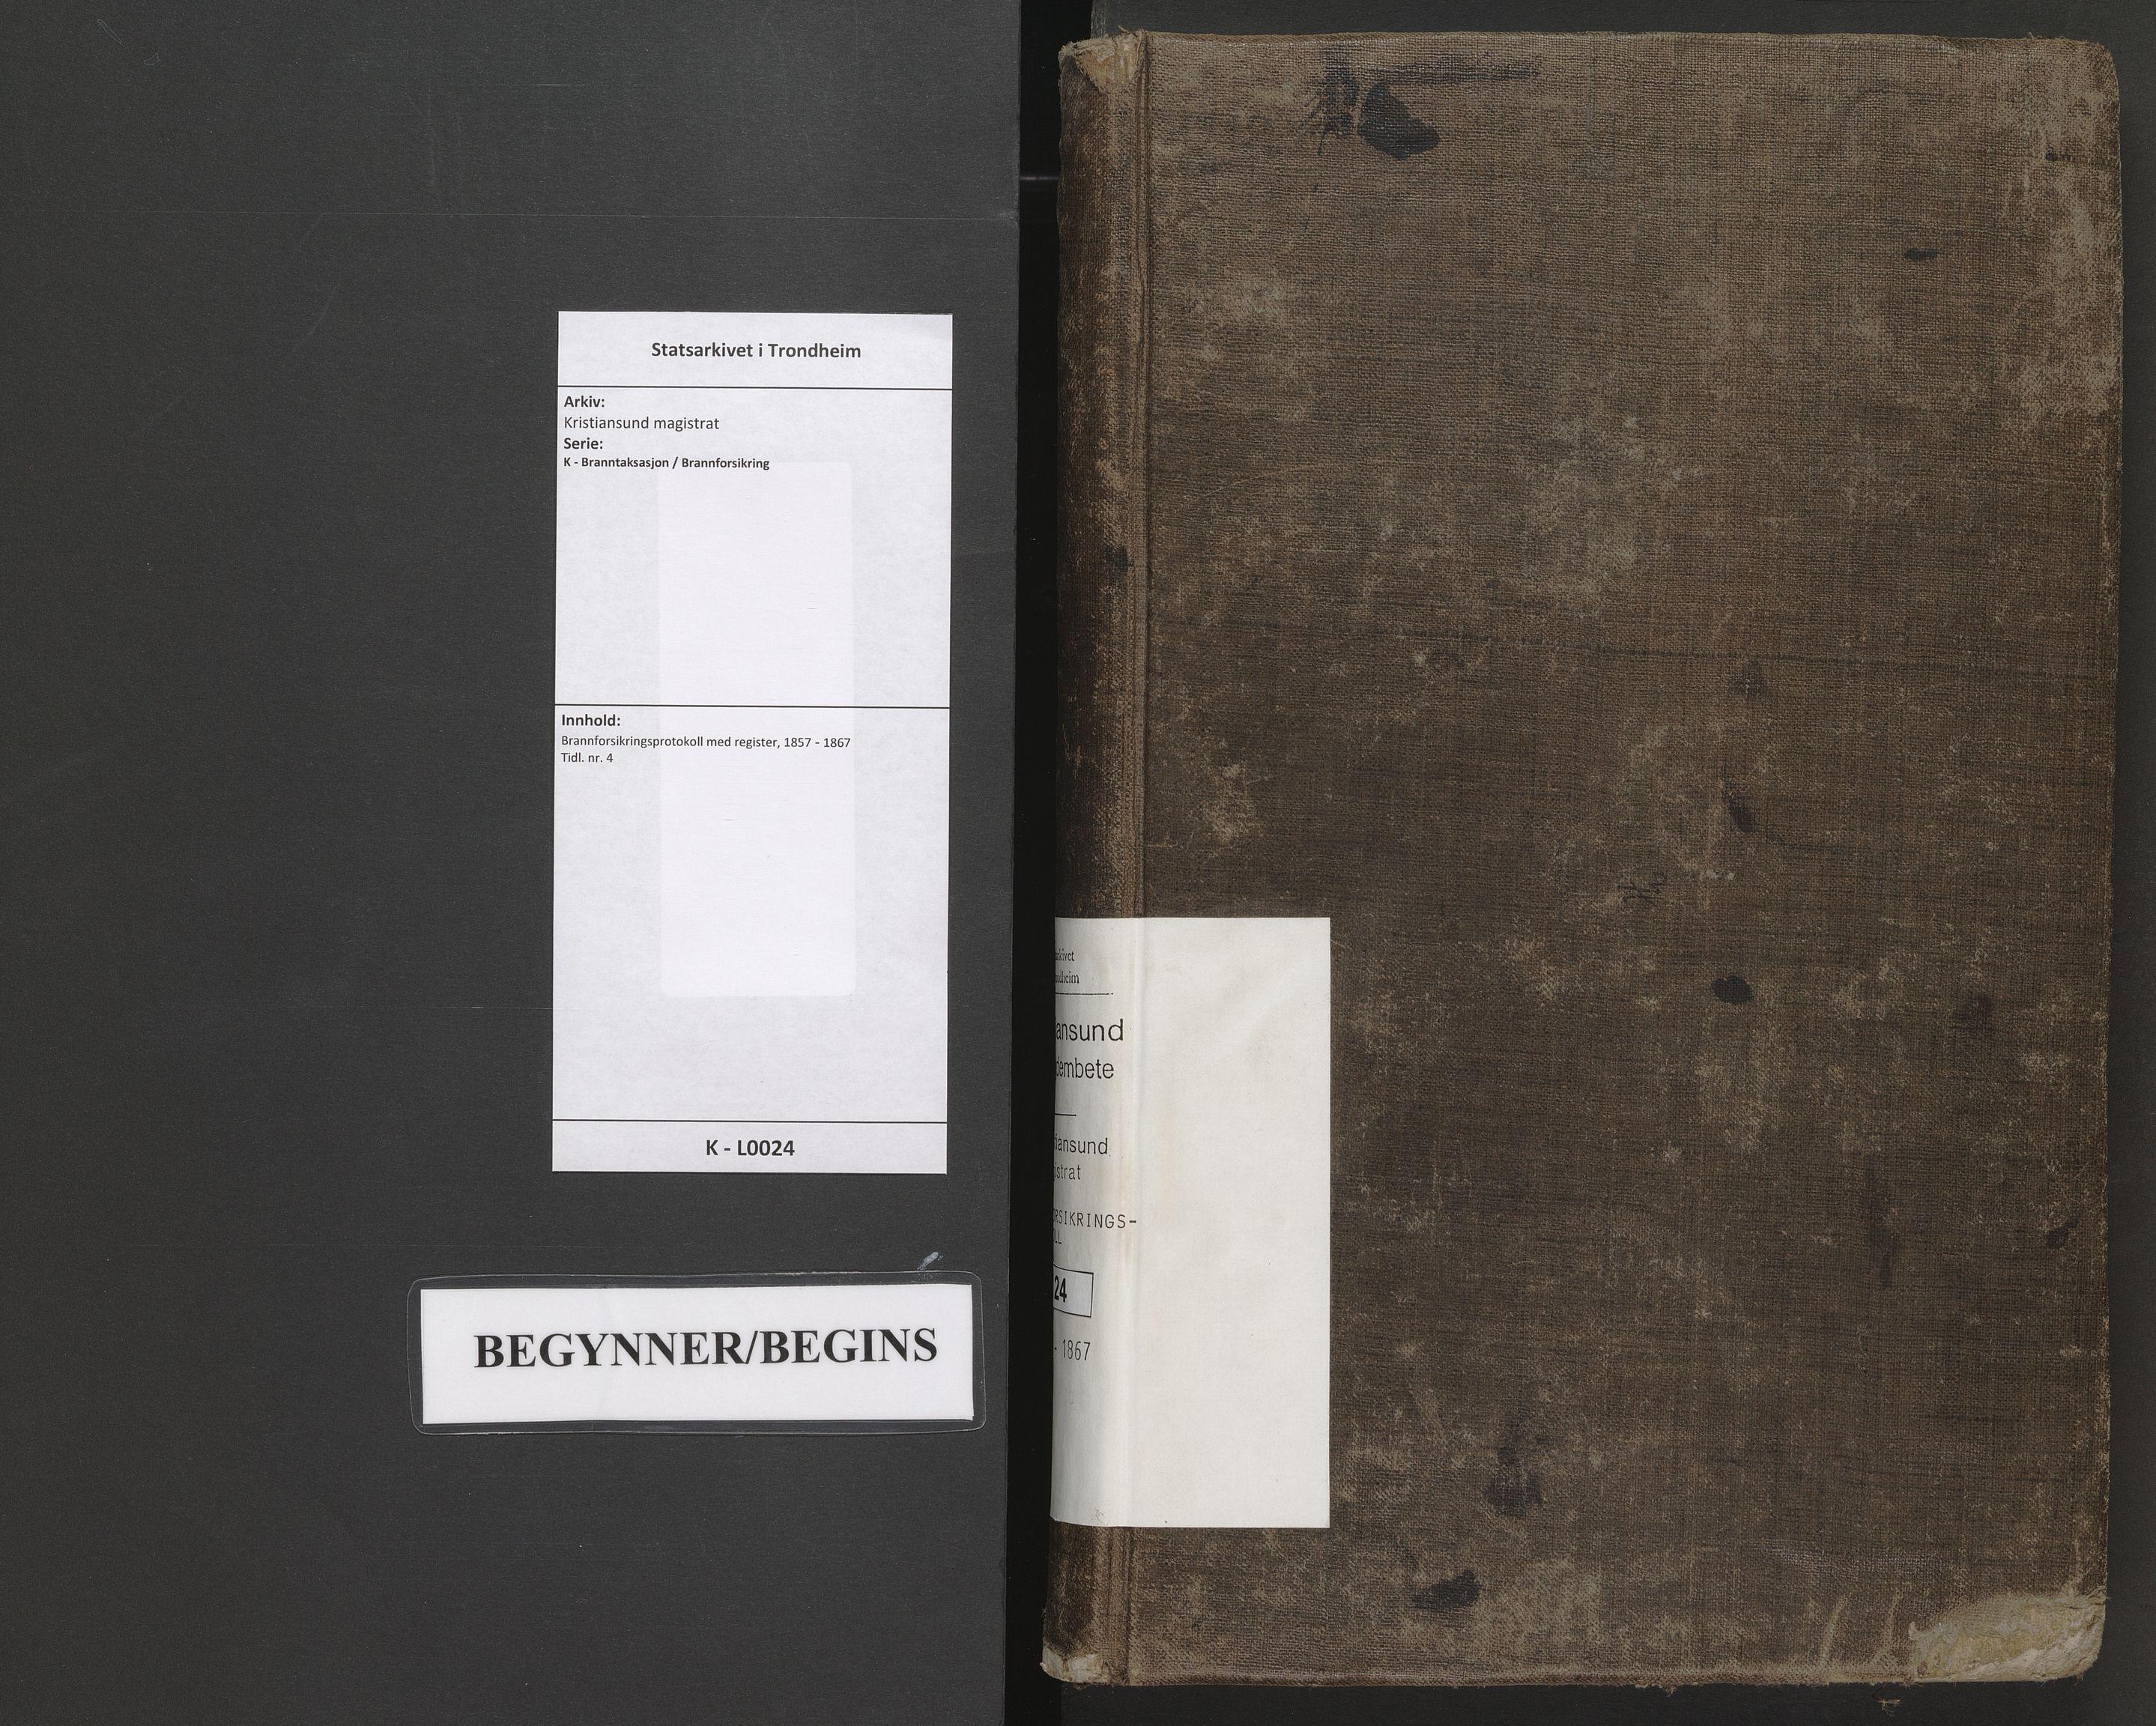 SAT, Kristiansund magistrat, K/L0024: Brannforsikringsprotokoll med register, 1857-1867